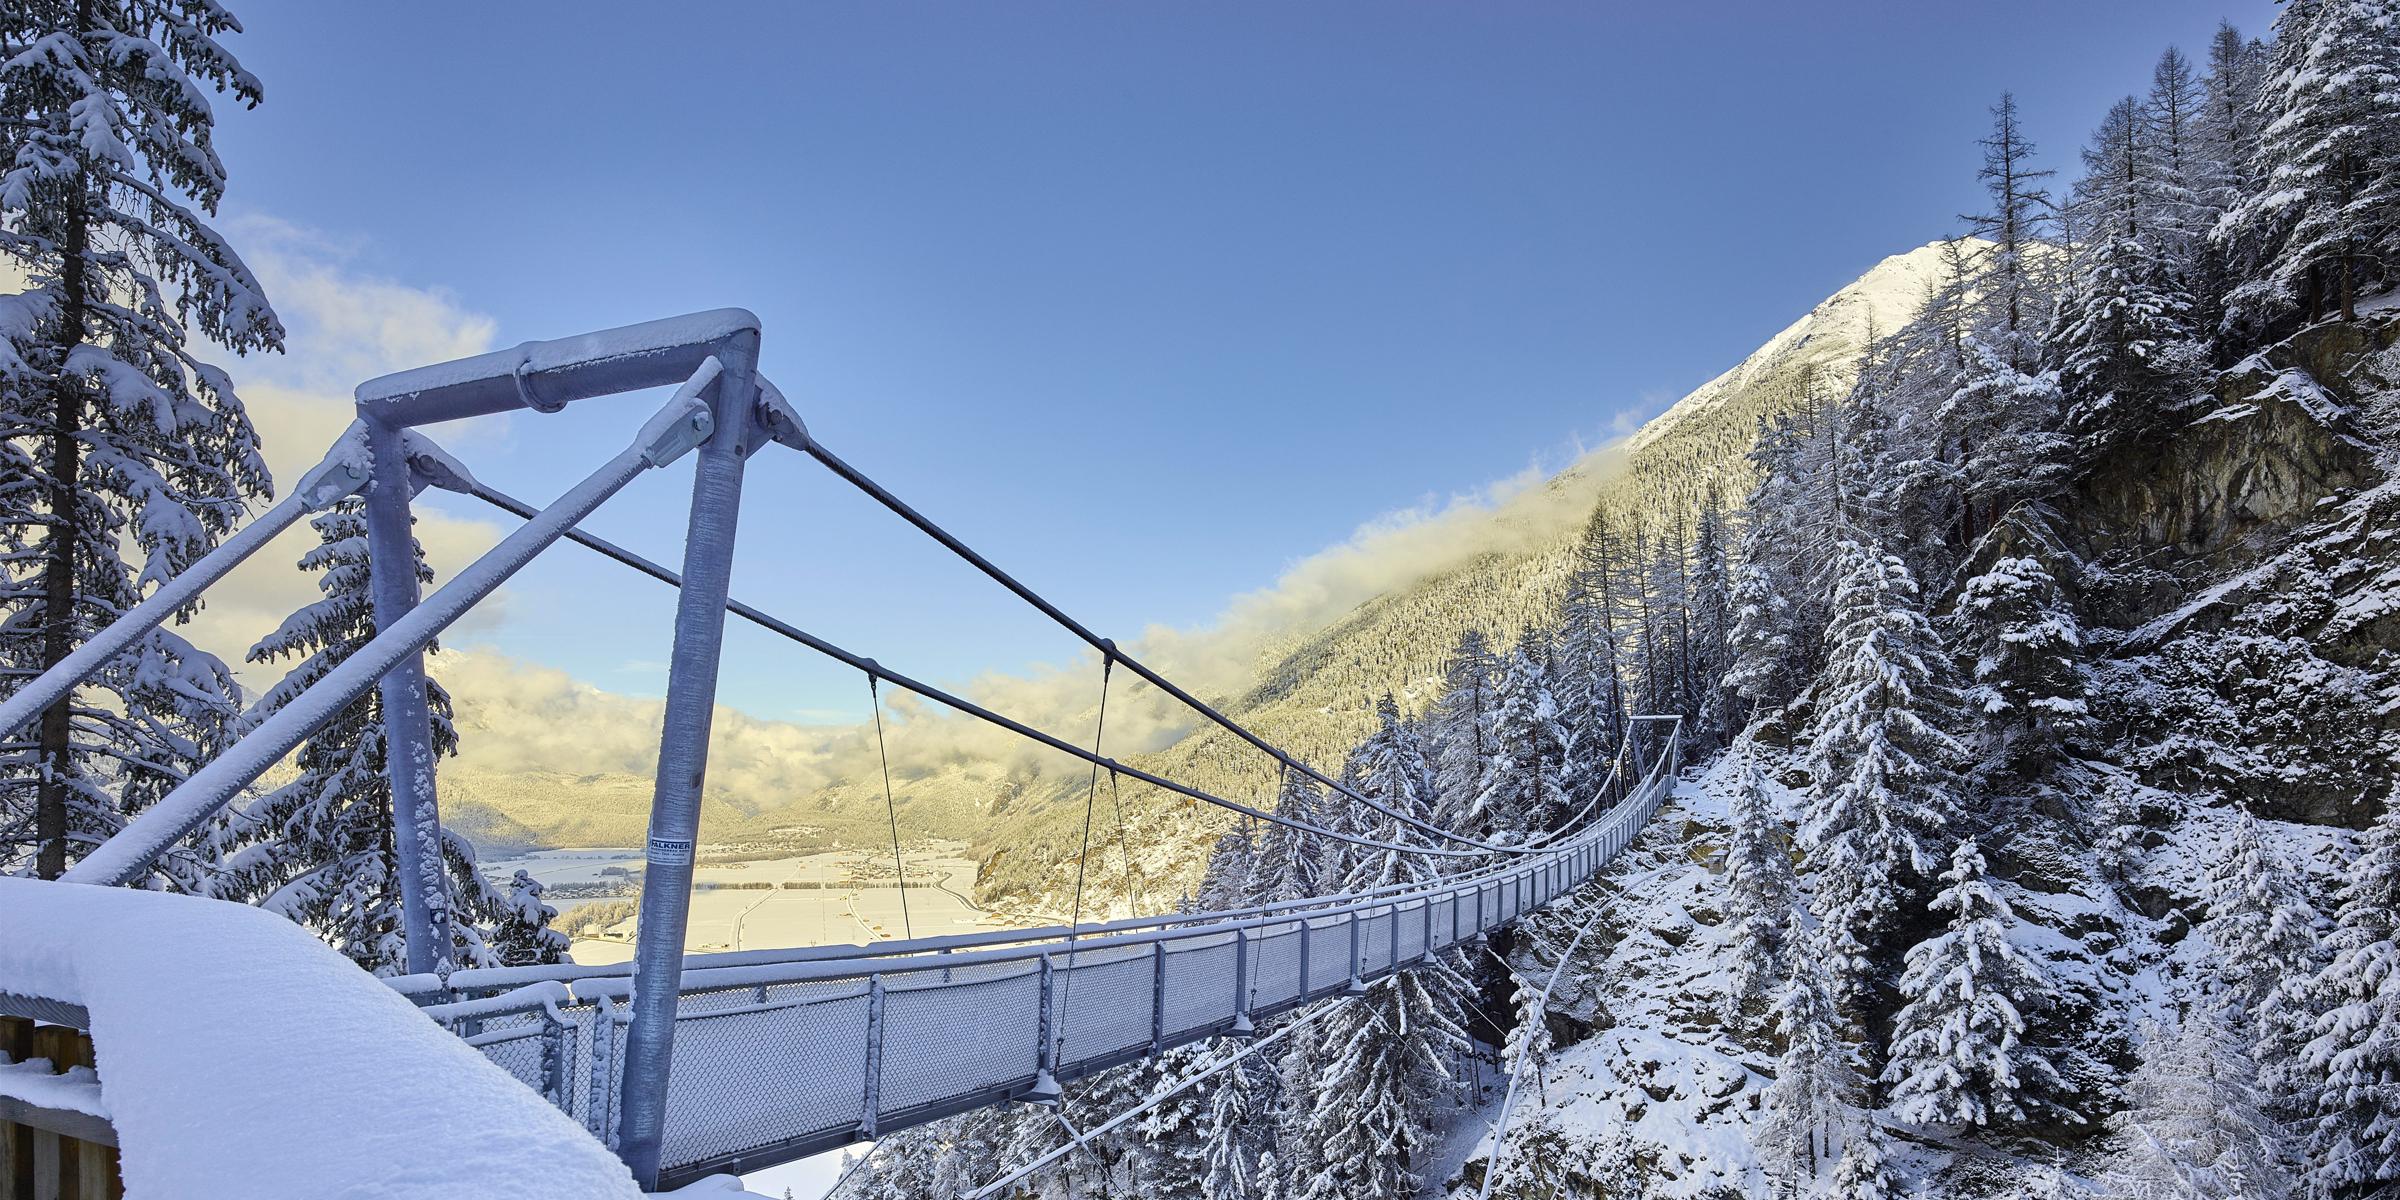 Hängebrücke Winter Längenfeld